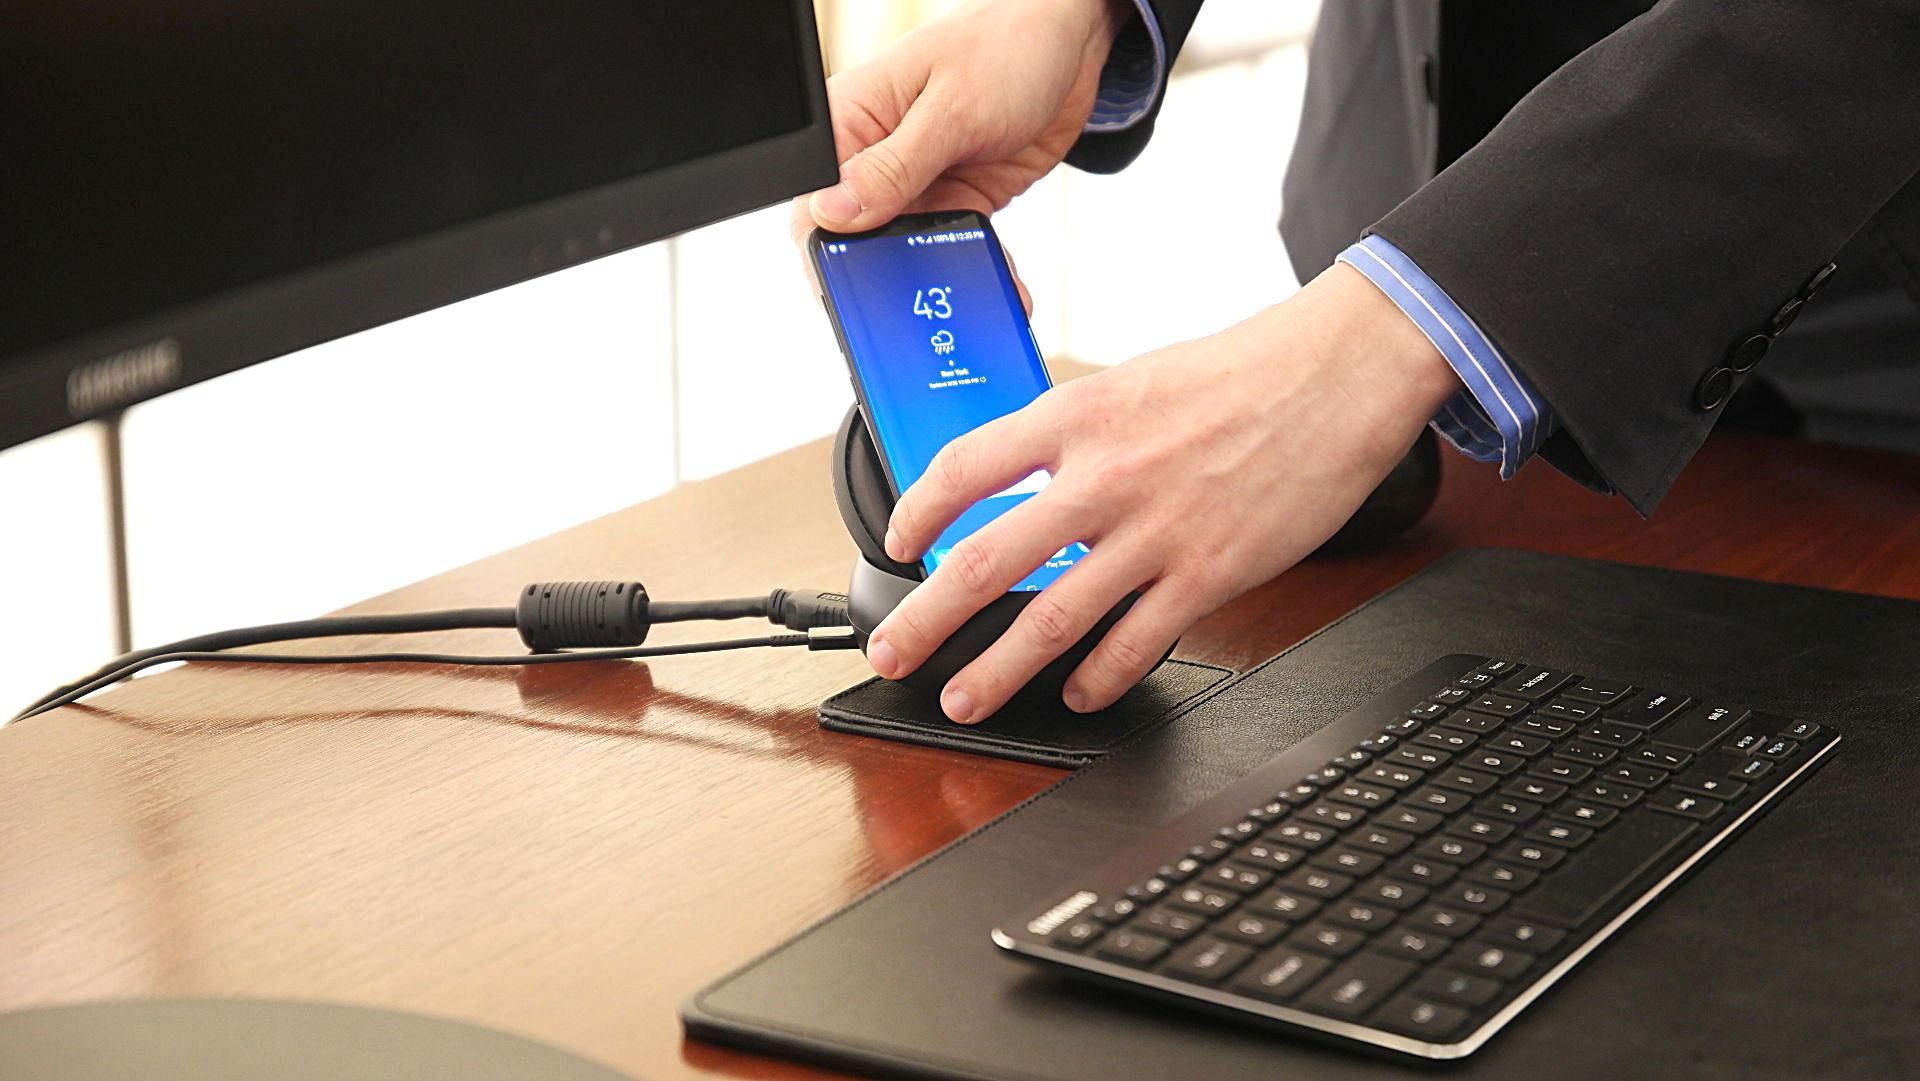 Come collegare un Samsung Galaxy Mobile al PC senza problemi 1